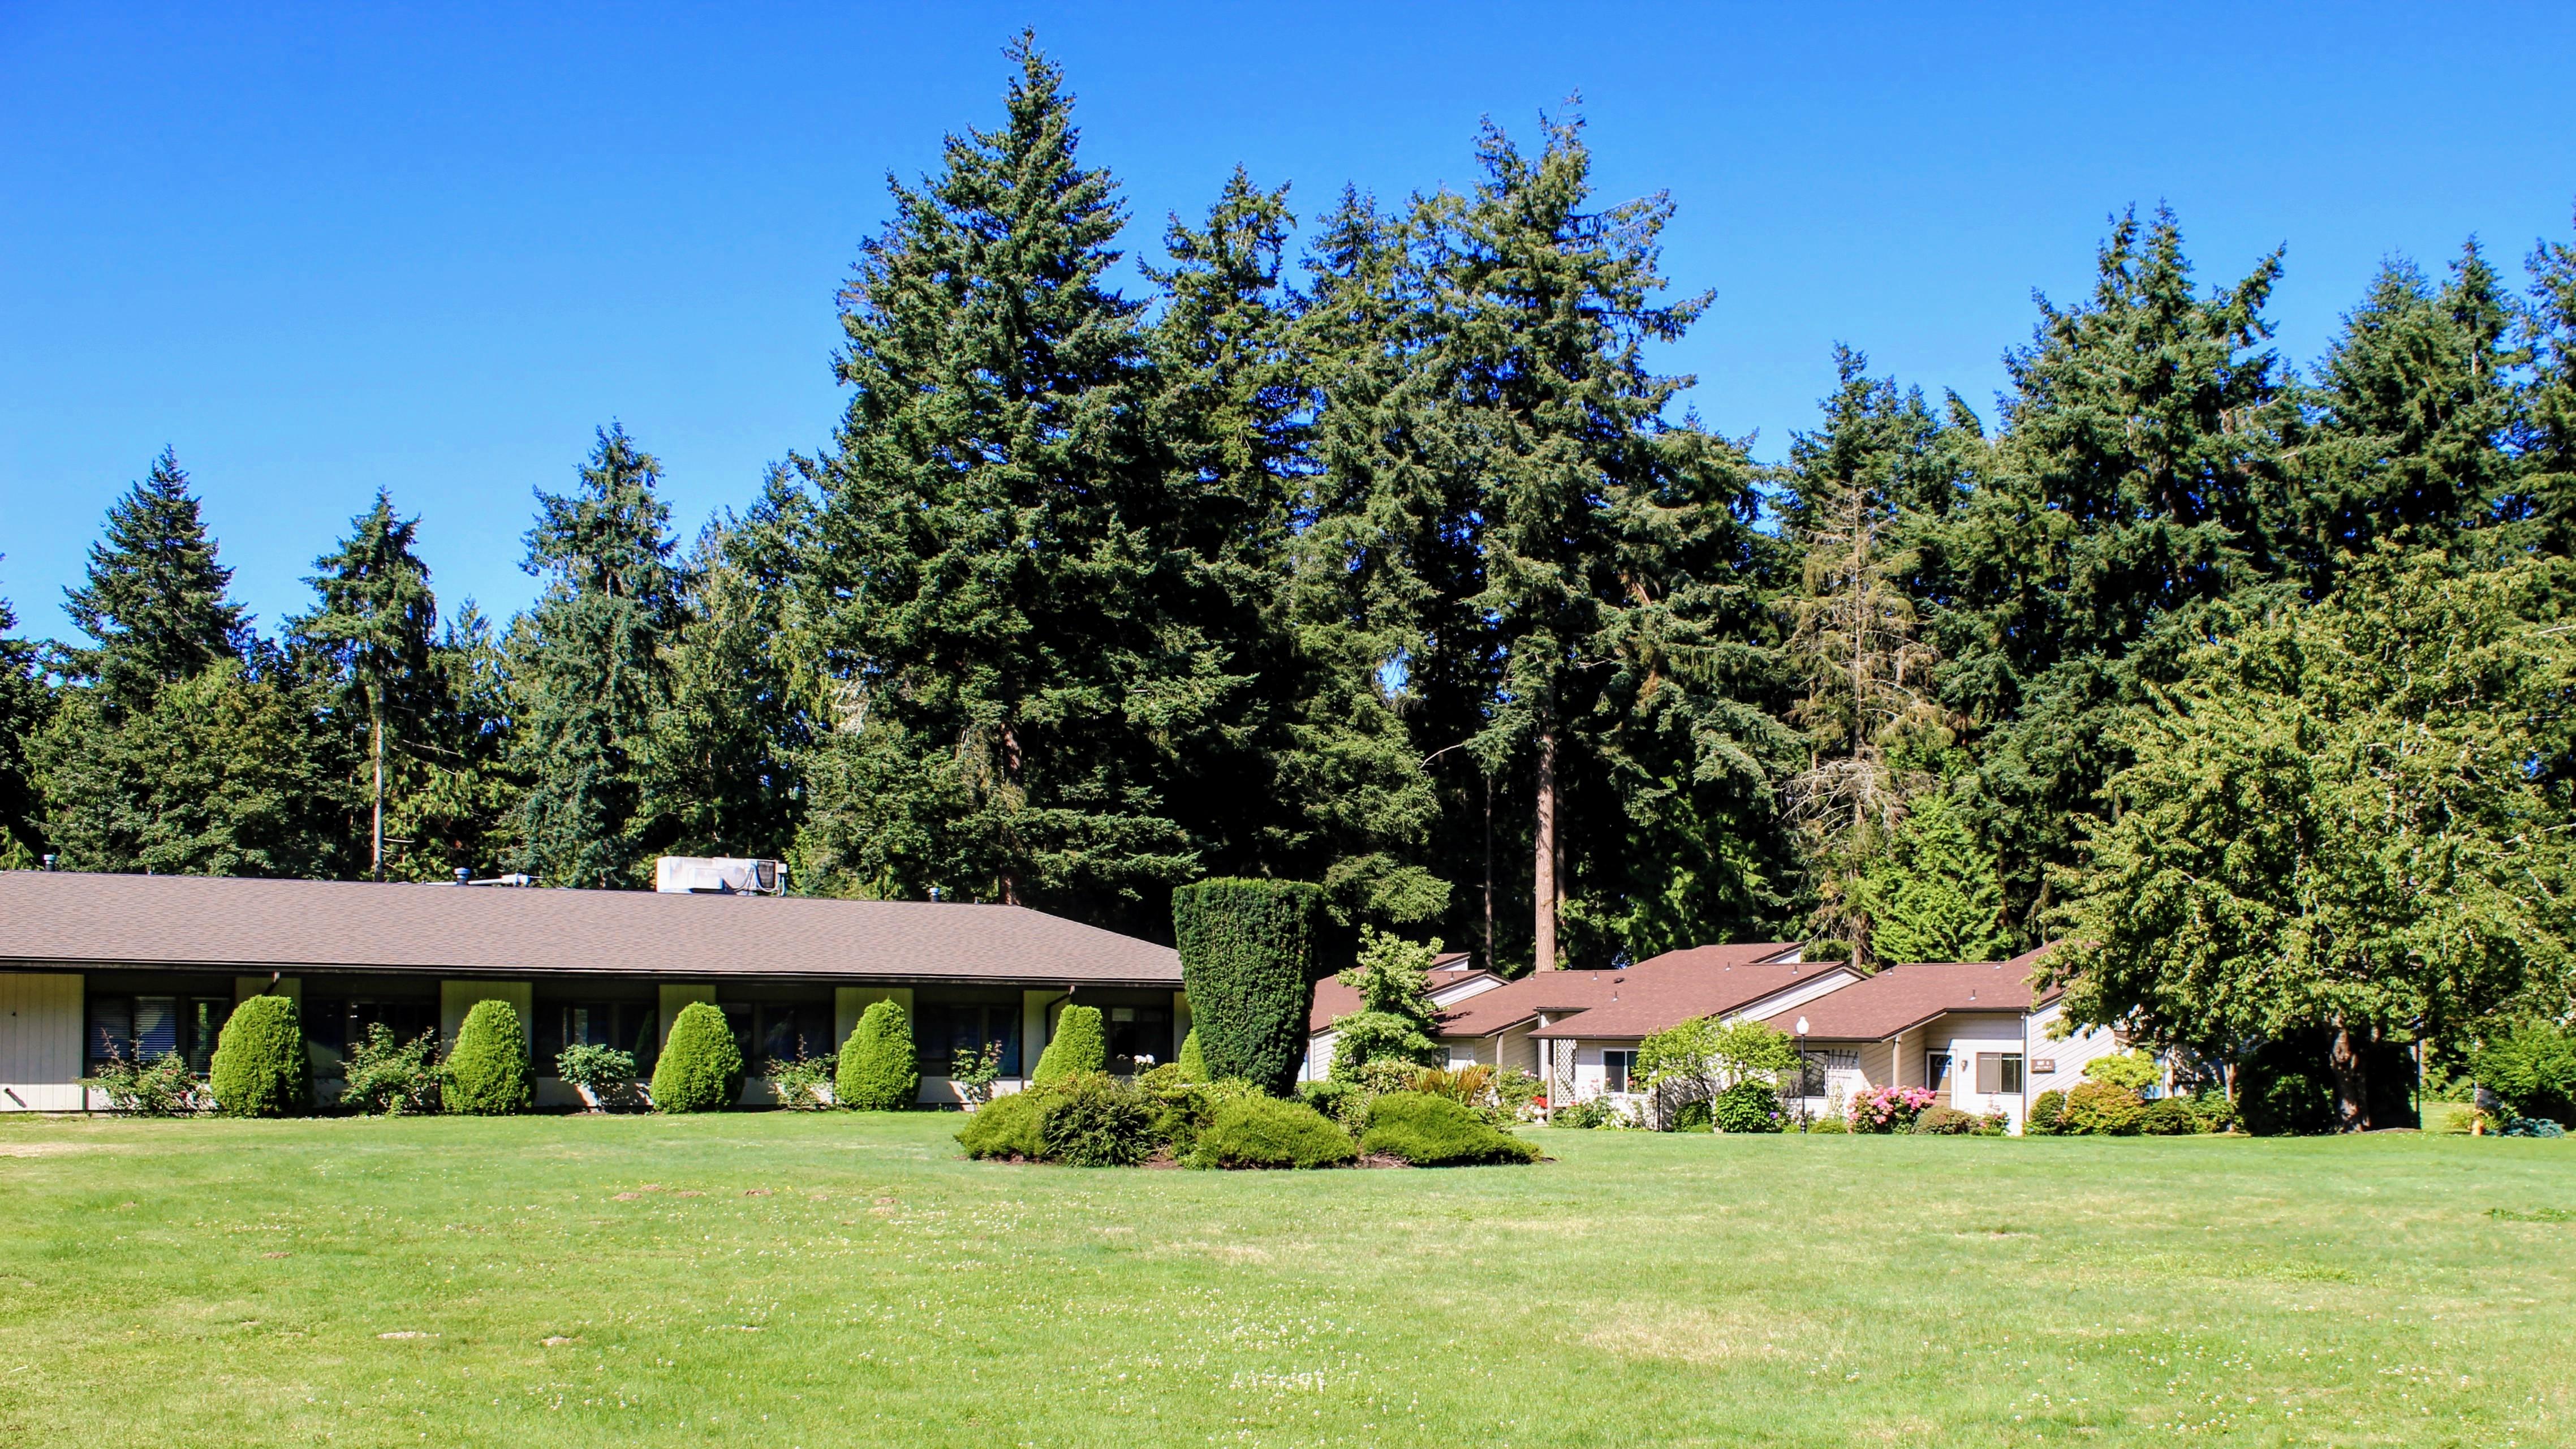 Healthcare center lawn